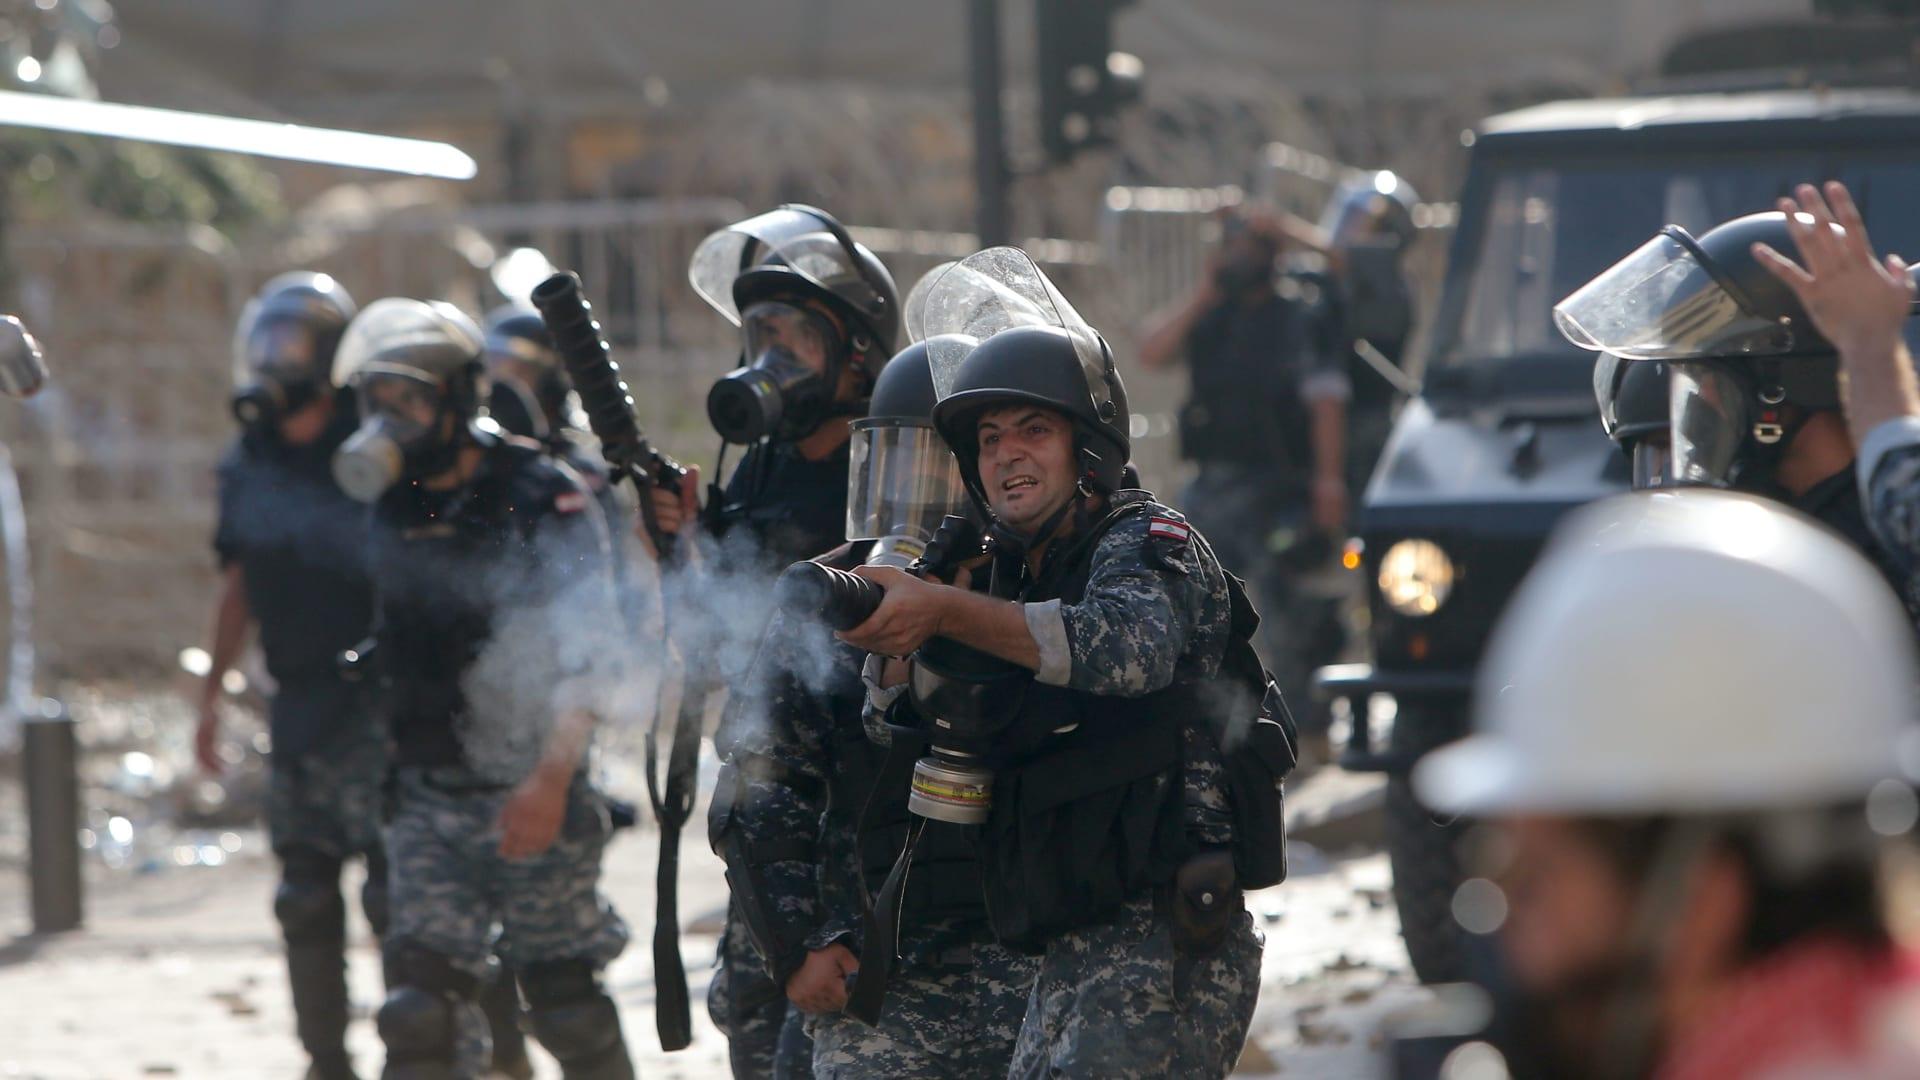 """في """"يوم الحساب"""".. لبنان يشهد مظاهرات غاضبة من شعب لديه القليل ليخسره"""